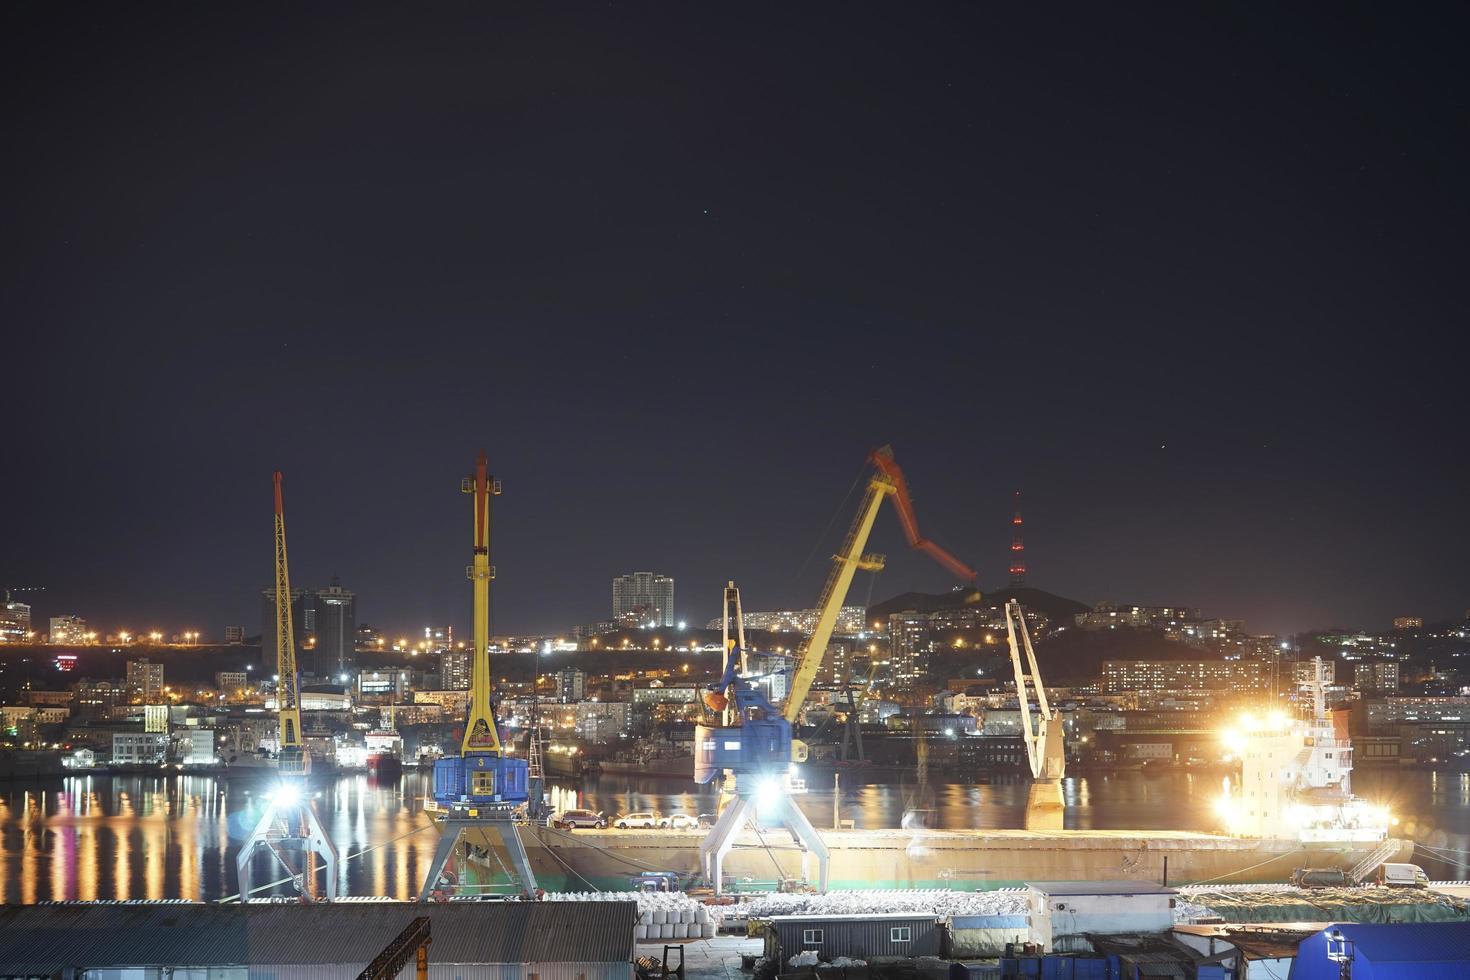 nacht stadslandschap met uitzicht op een haven en skyline op de achtergrond in Vladivostok, Rusland foto